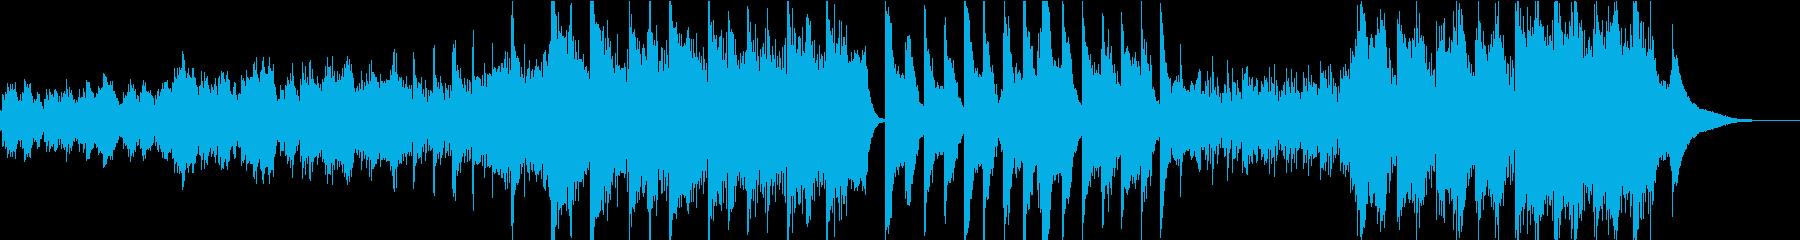 ルームミュージックでリラクゼーションな曲の再生済みの波形